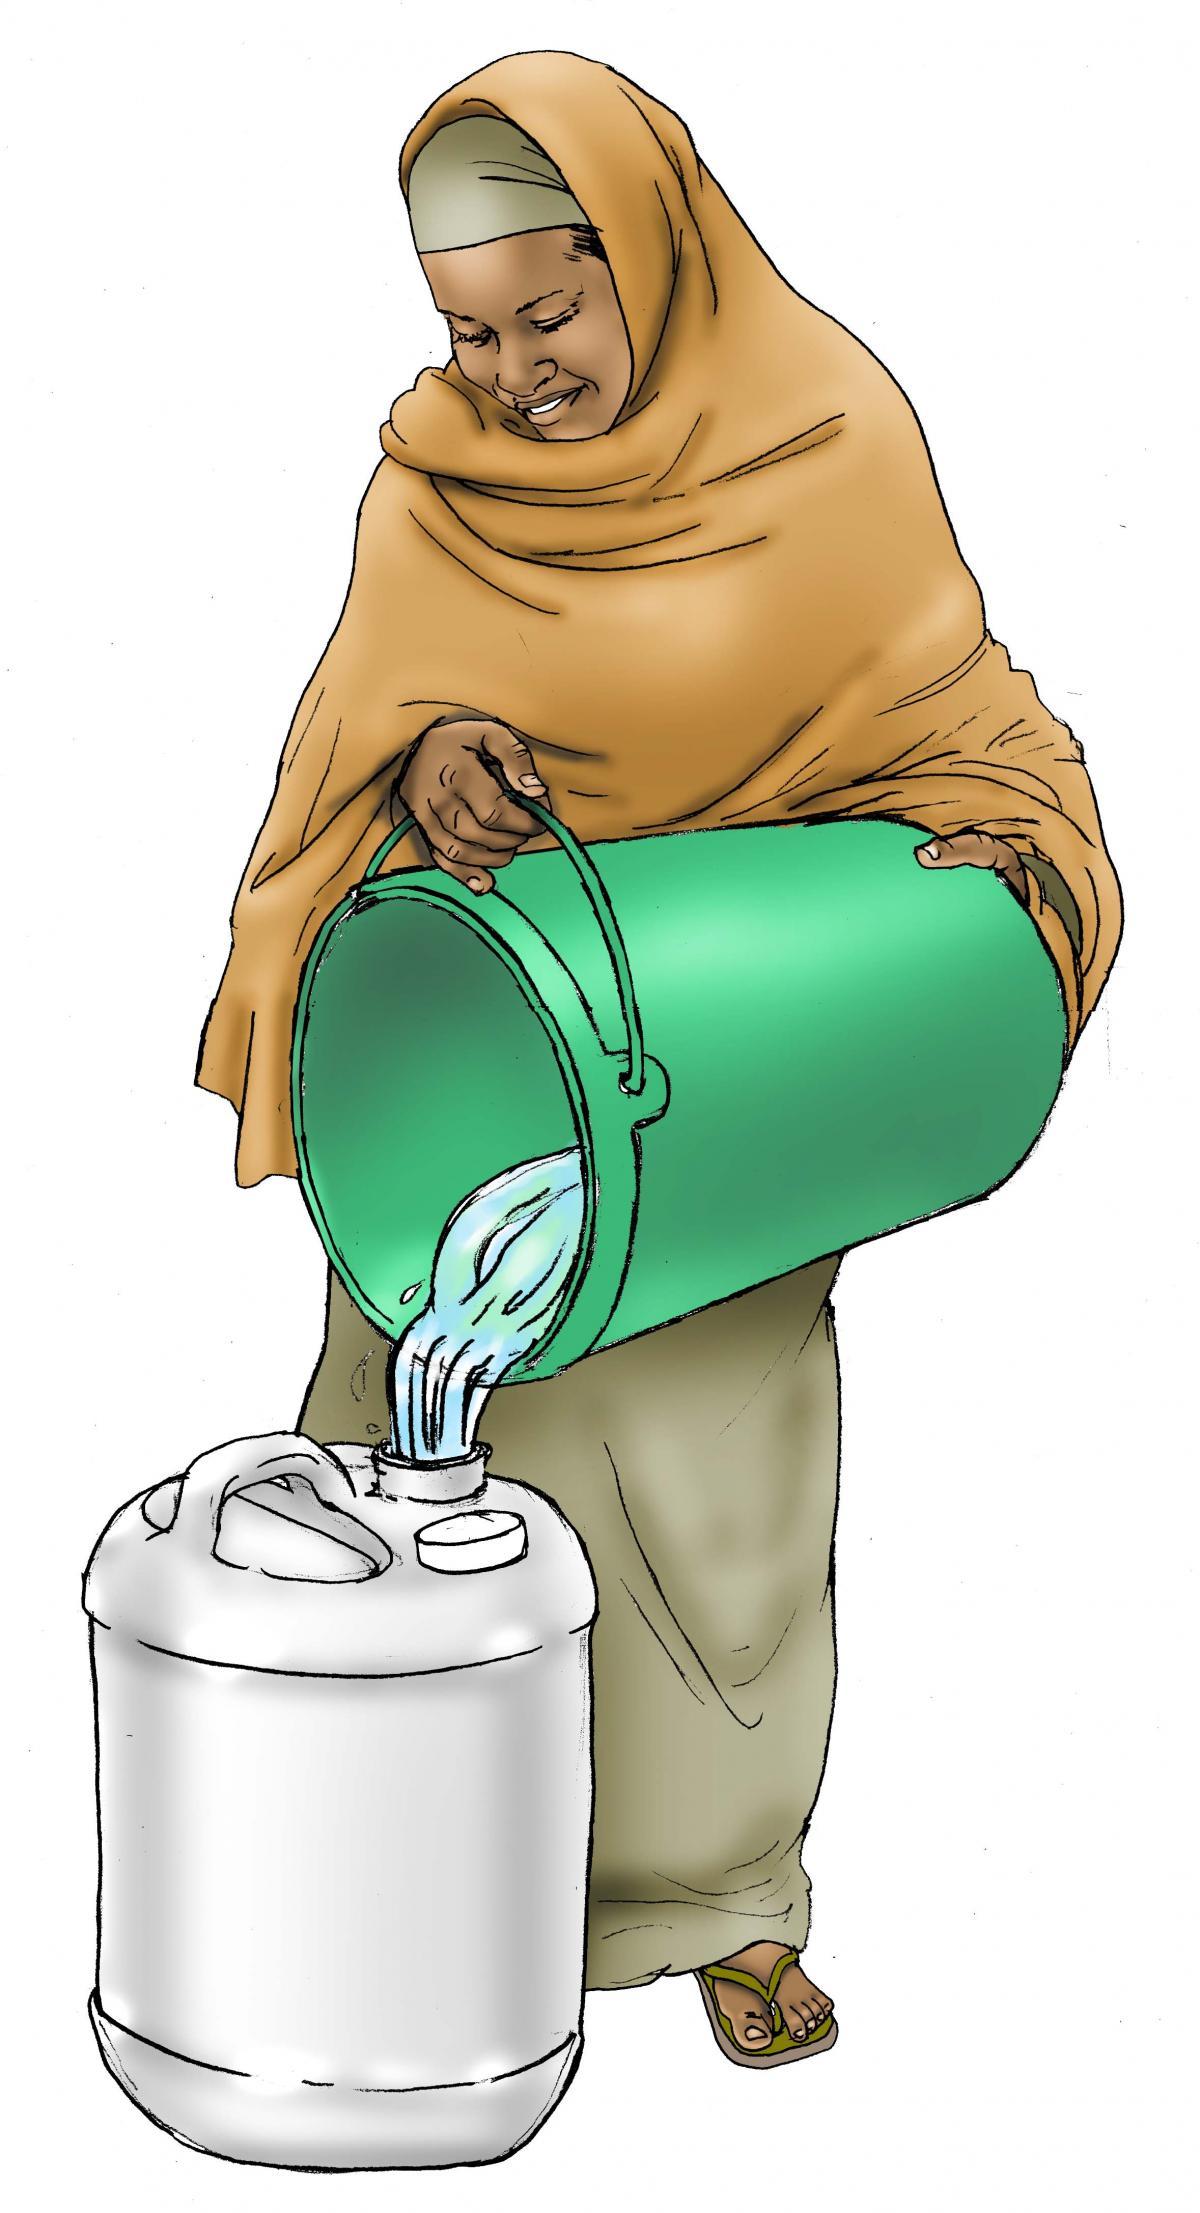 Sanitation - Woman filtering water - 04 - Kenya Dadaab